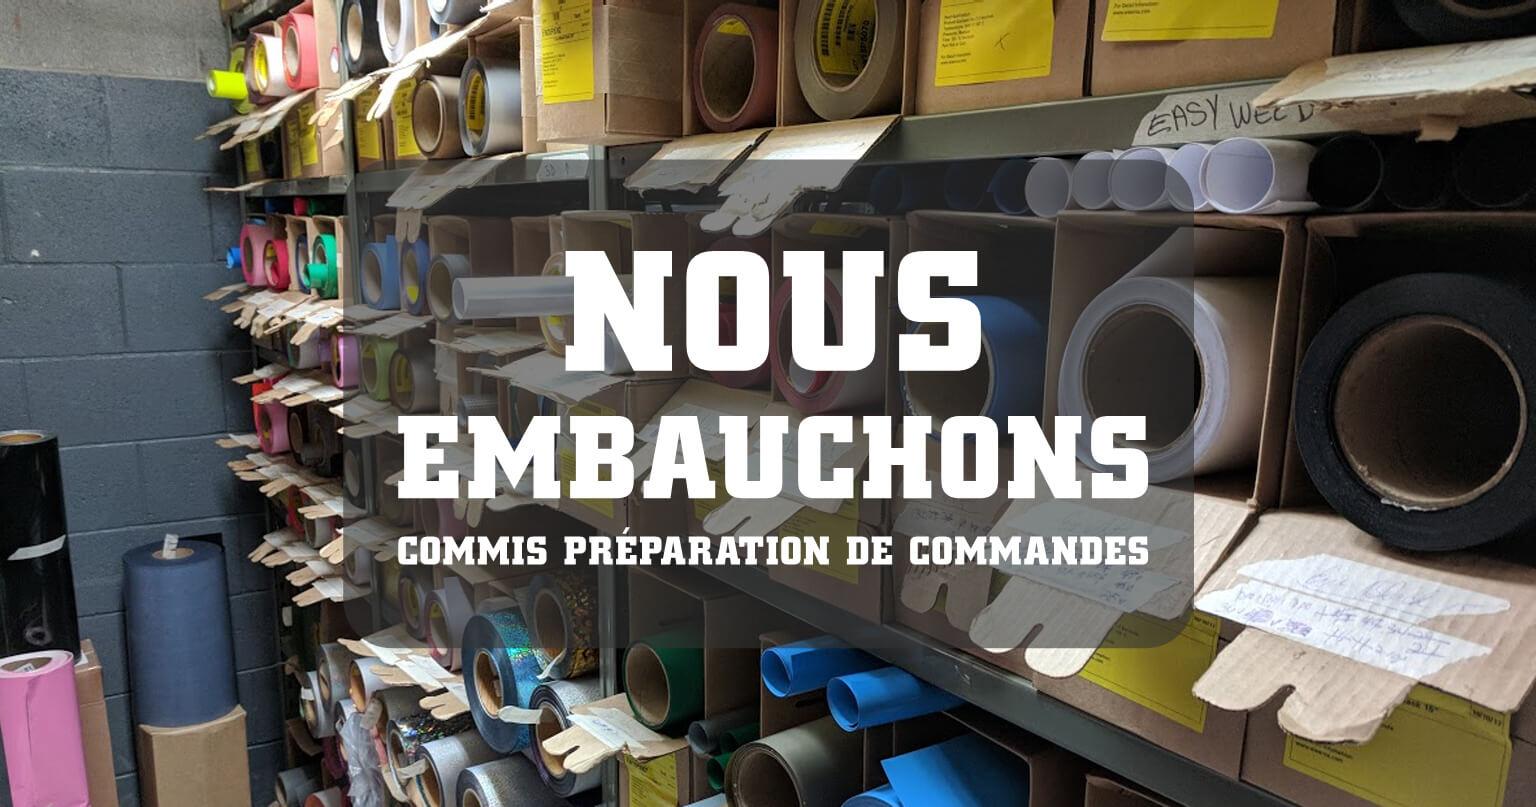 Nous embauchons - Commis préparation de commandes